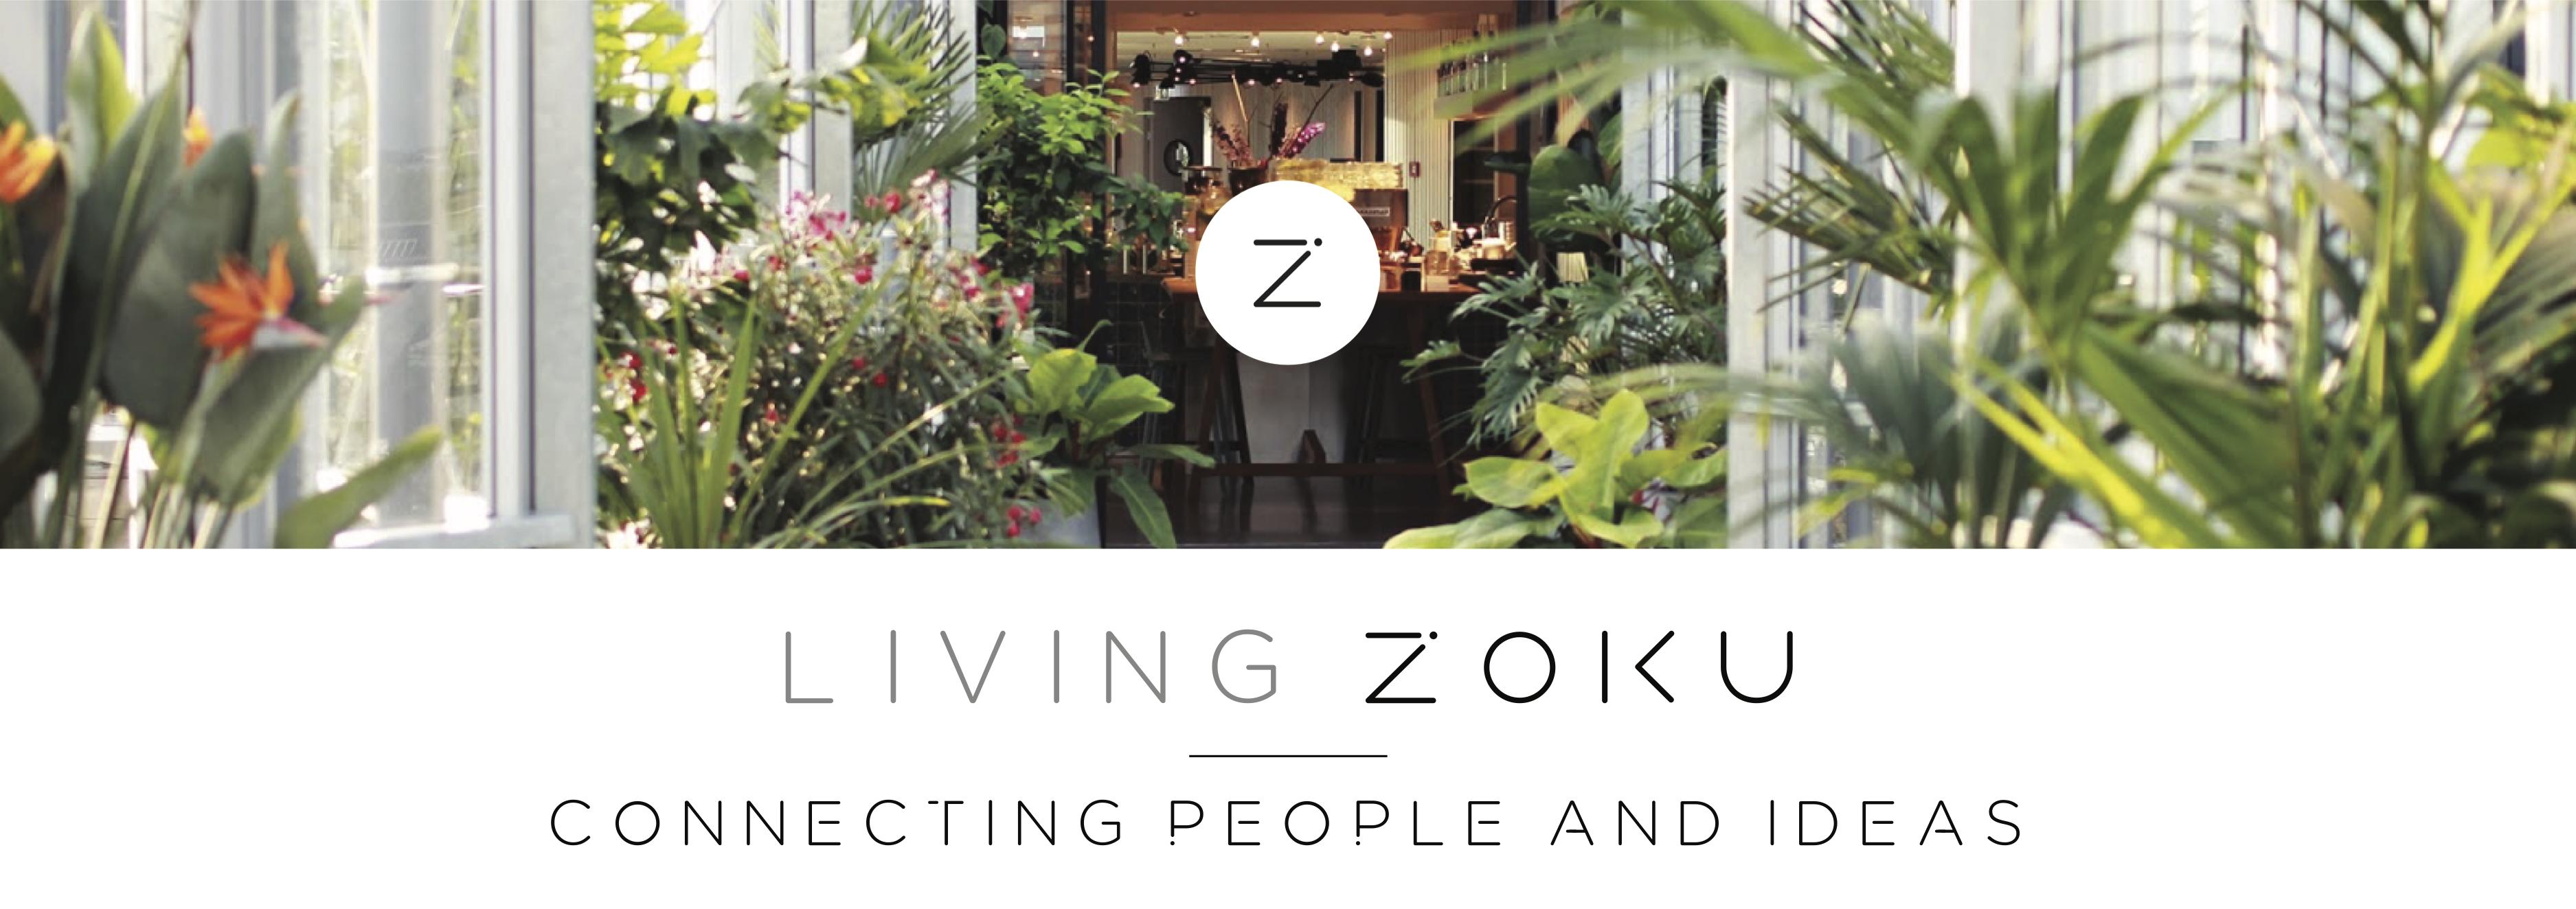 Living Zoku